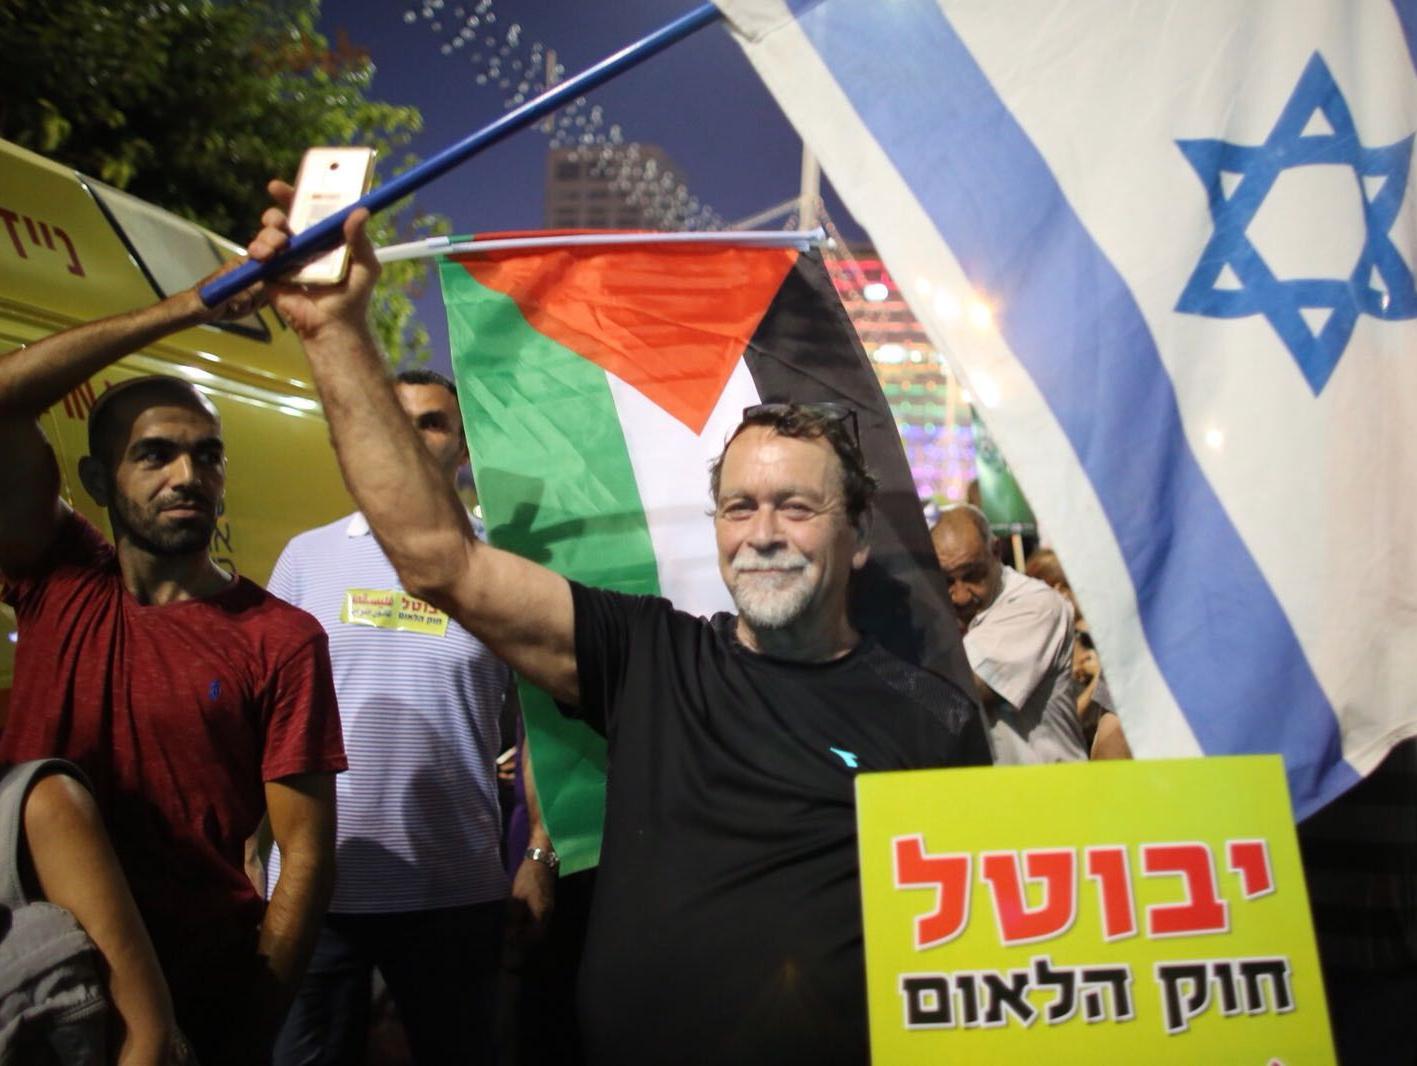 נתניהו: הופכים את ישראל לפלסטינית; מירי רגב: רבין מתהפך בקברו